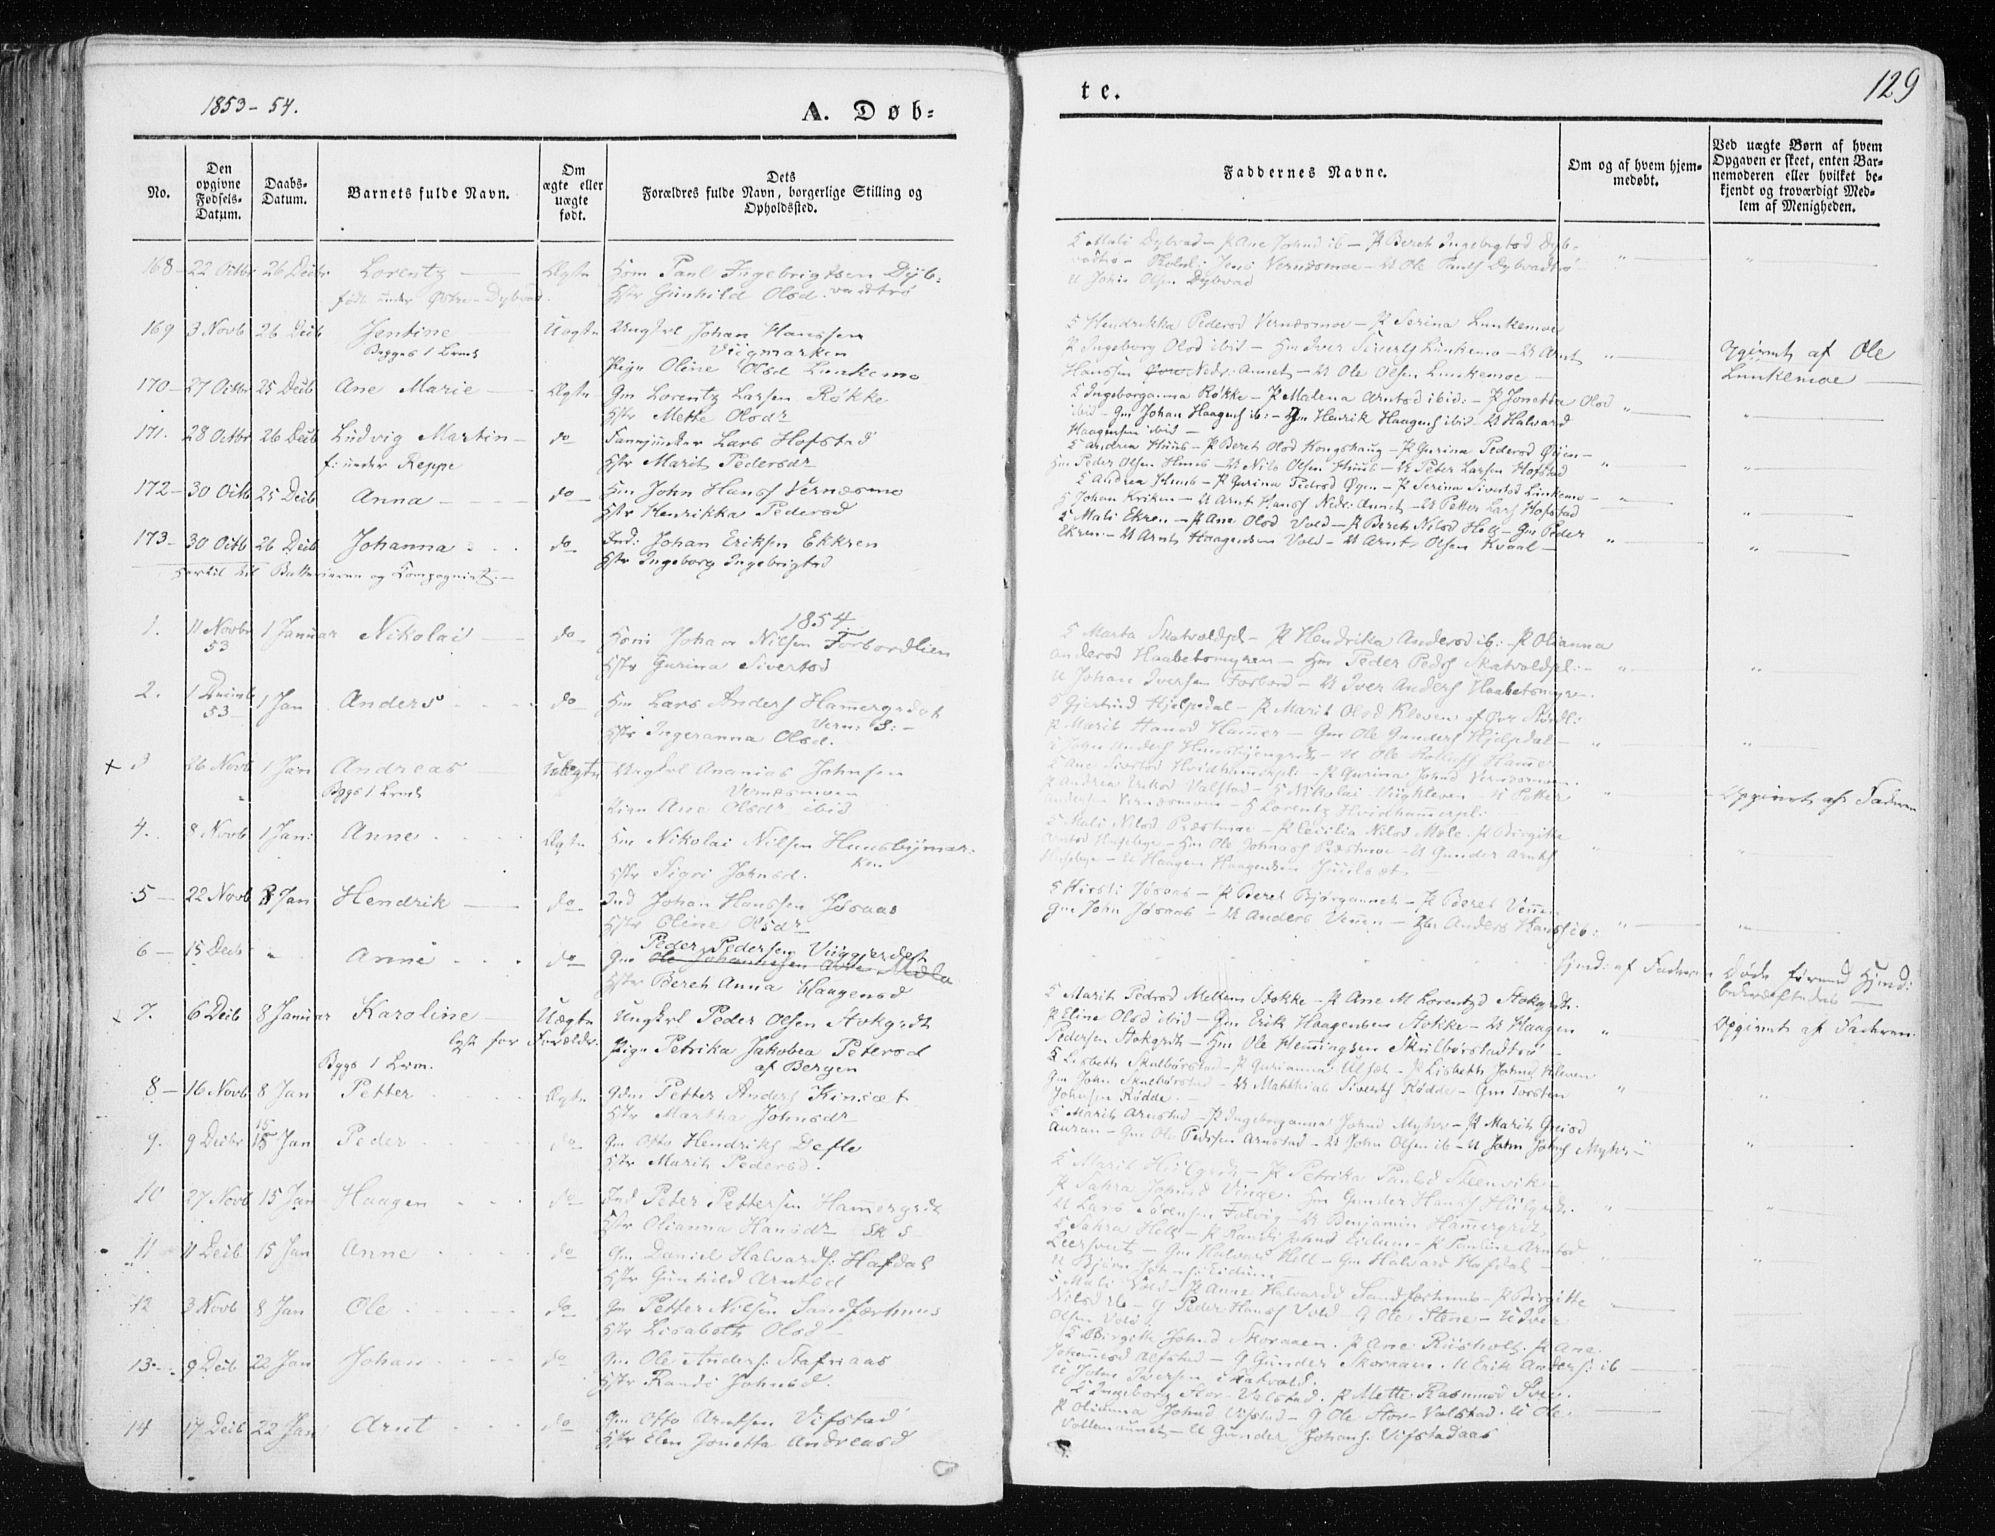 SAT, Ministerialprotokoller, klokkerbøker og fødselsregistre - Nord-Trøndelag, 709/L0074: Ministerialbok nr. 709A14, 1845-1858, s. 129